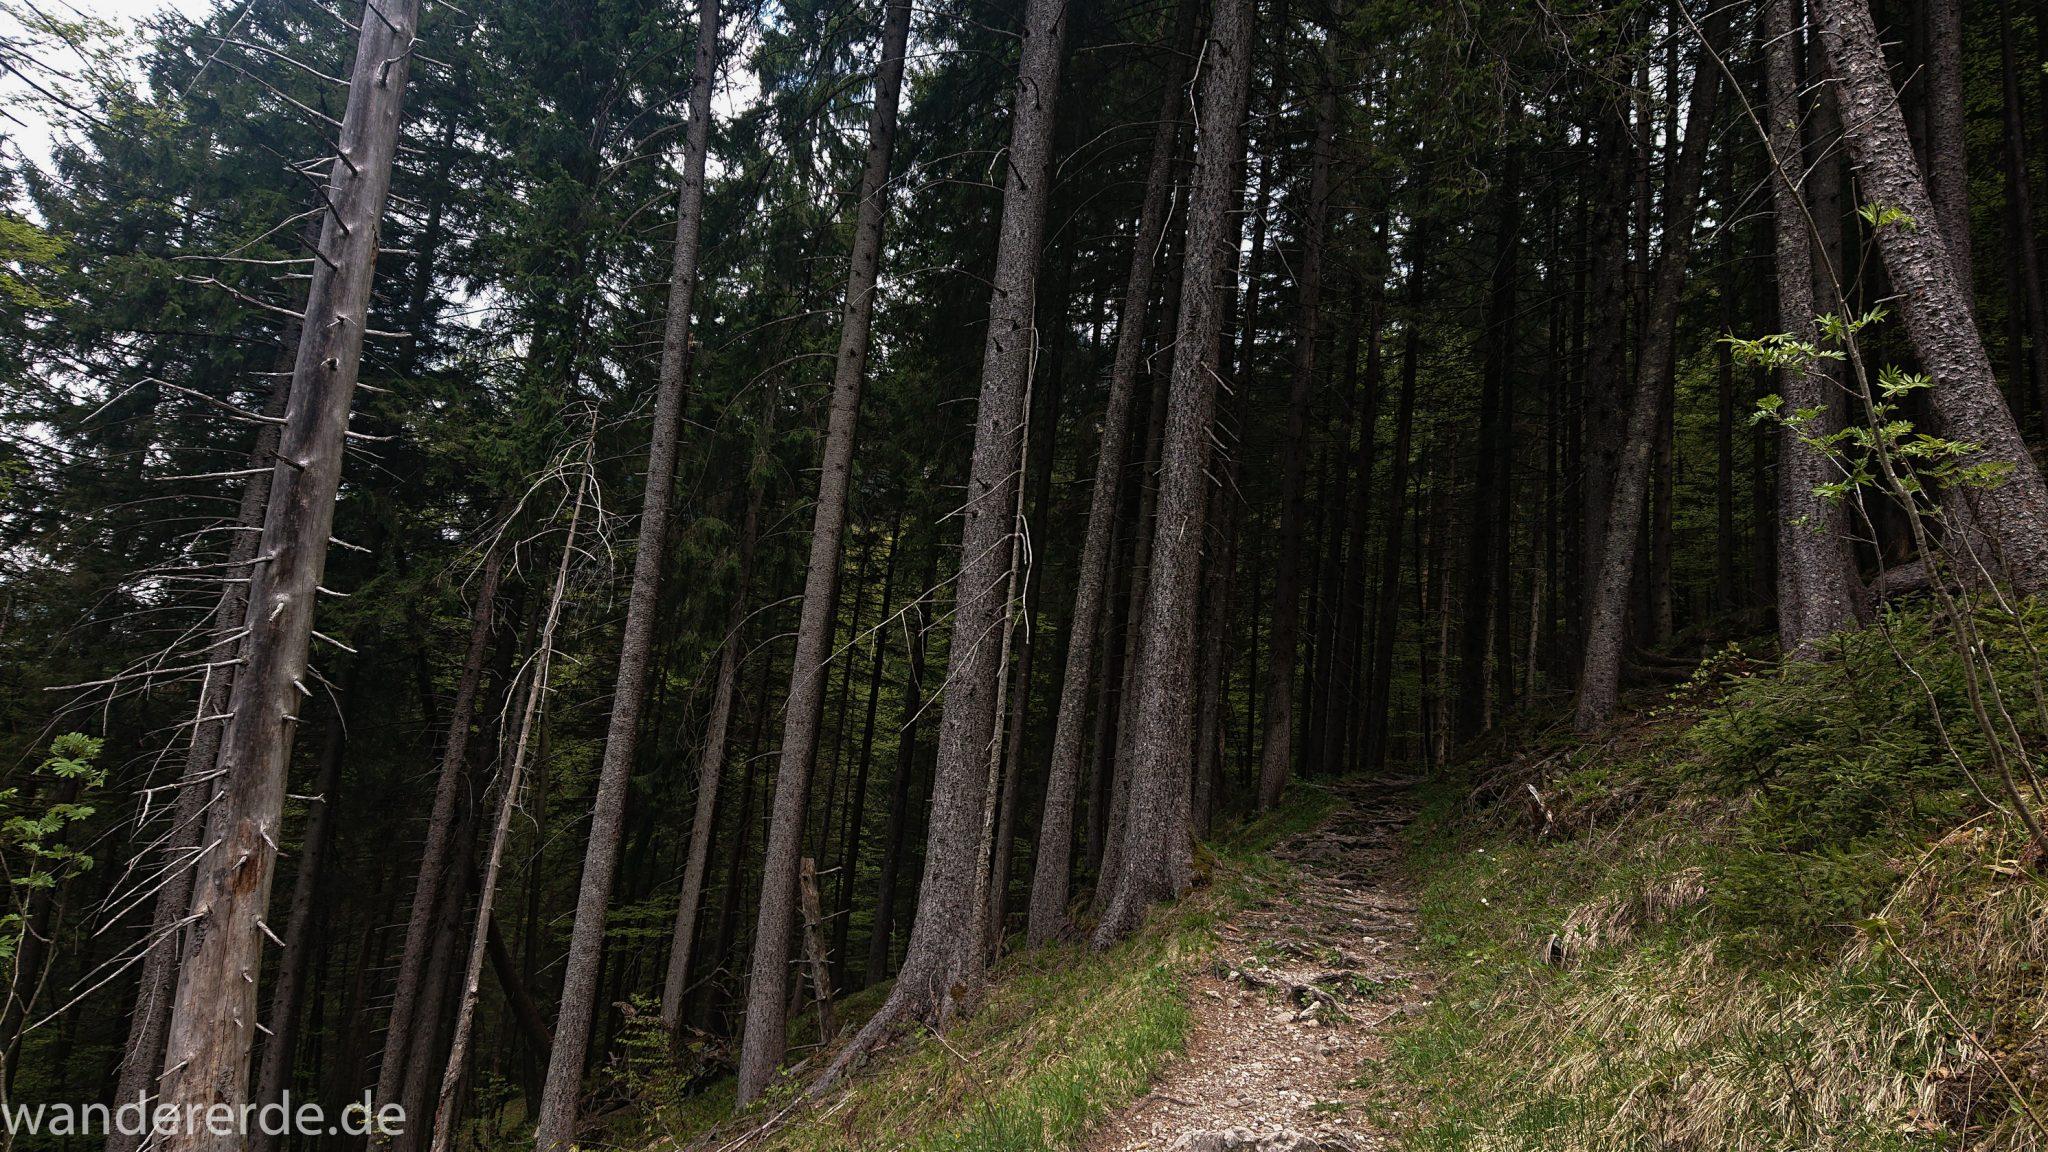 Wanderung Oberstdorf nach Gerstruben im Allgäu, Bayern, Wanderweg Rautweg führt durch schönen dichten Wald, ziemlich steil, kaum noch Menschen begegnen uns